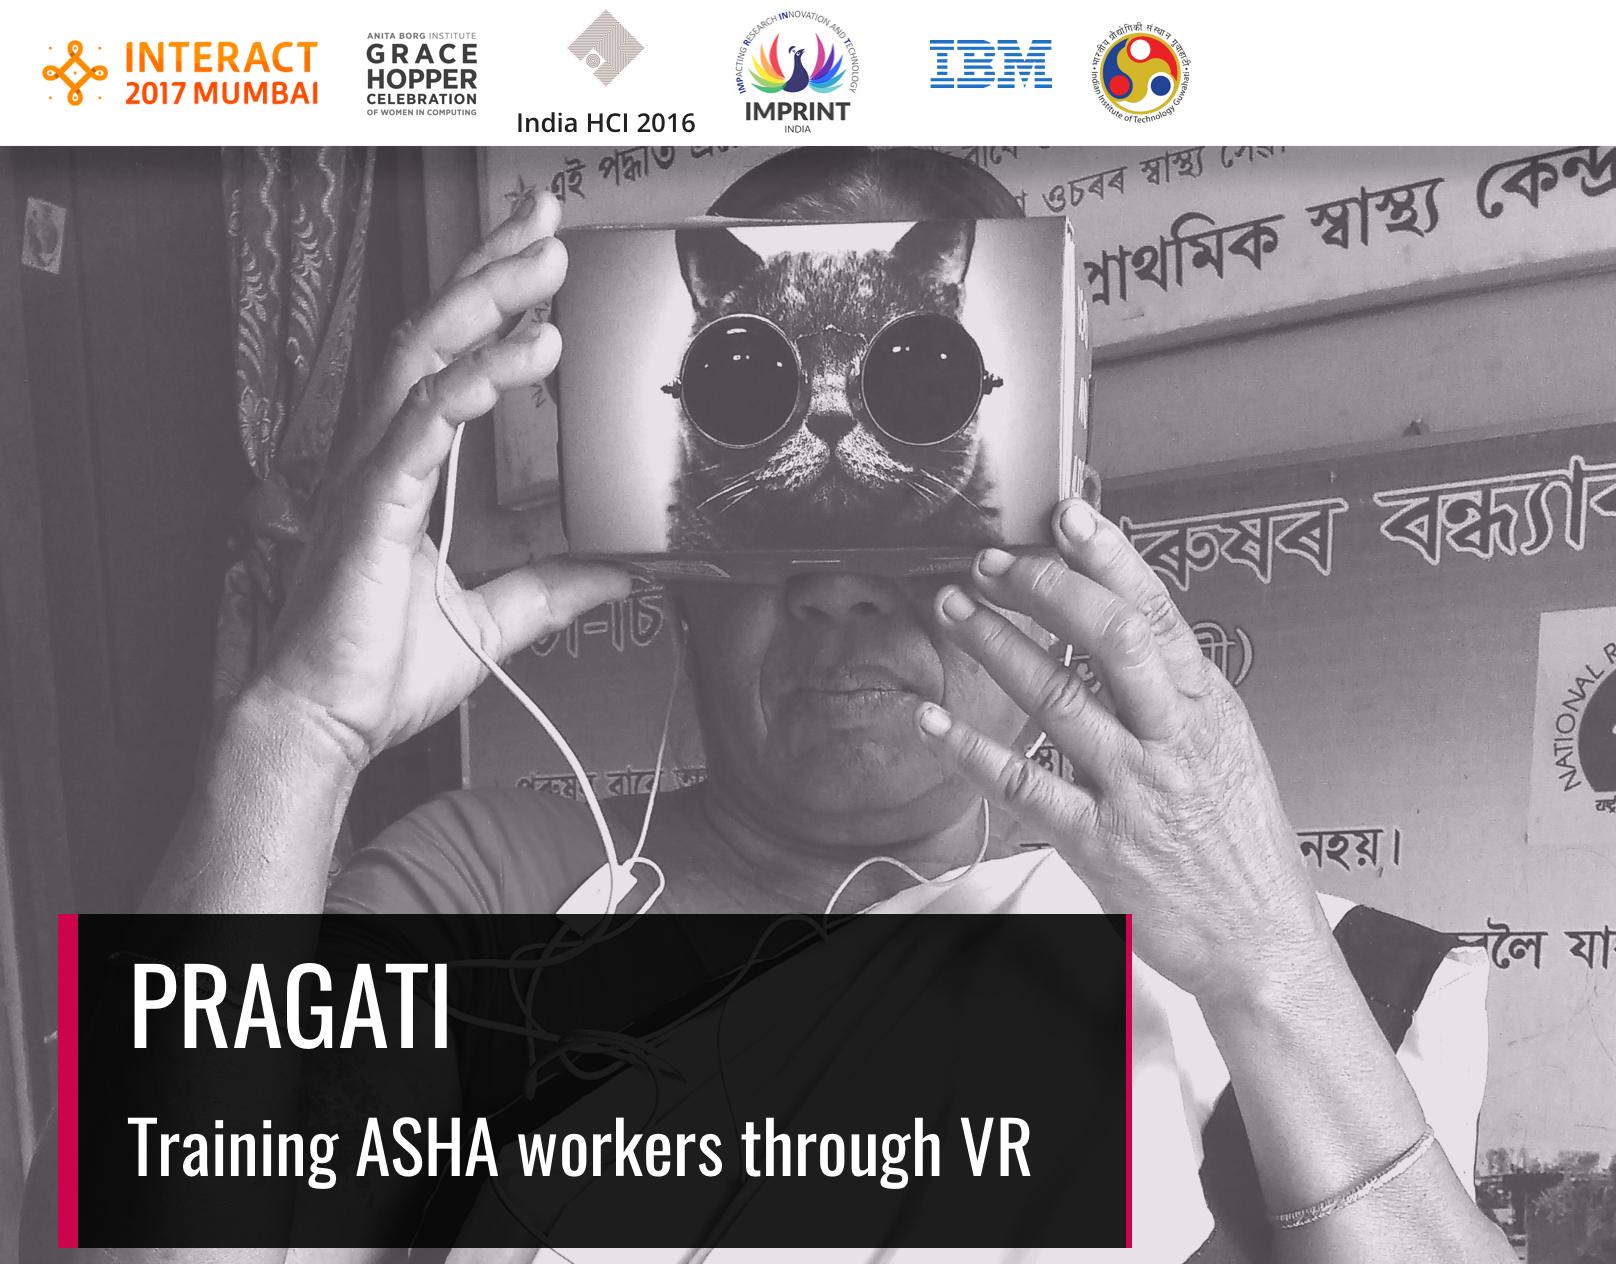 Pragati: VR for ASHA workers